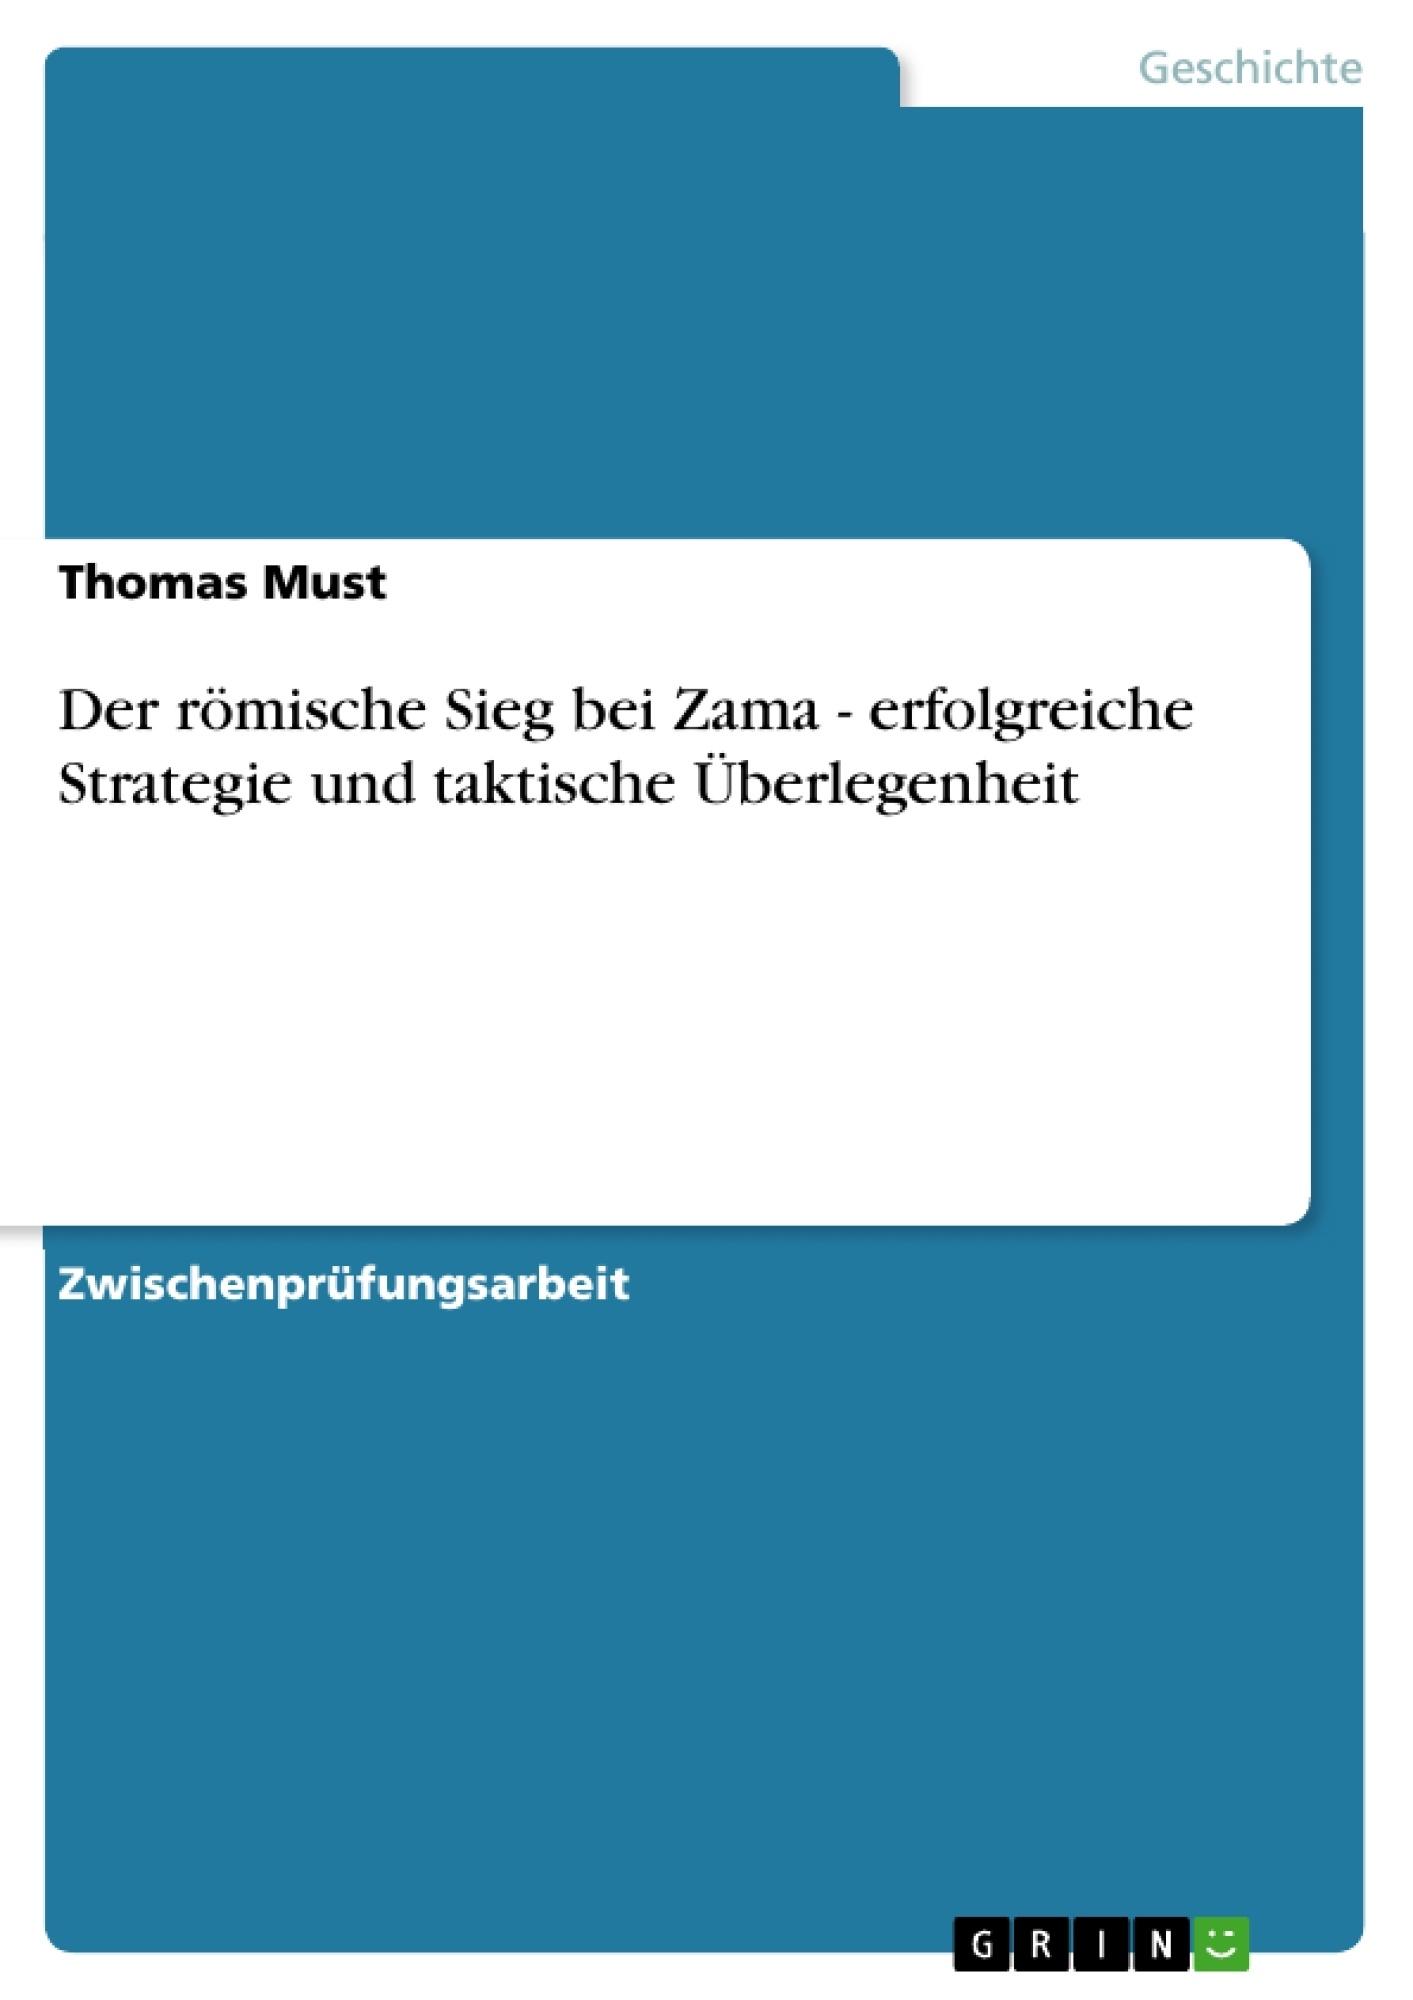 Titel: Der römische Sieg bei Zama - erfolgreiche Strategie und taktische Überlegenheit